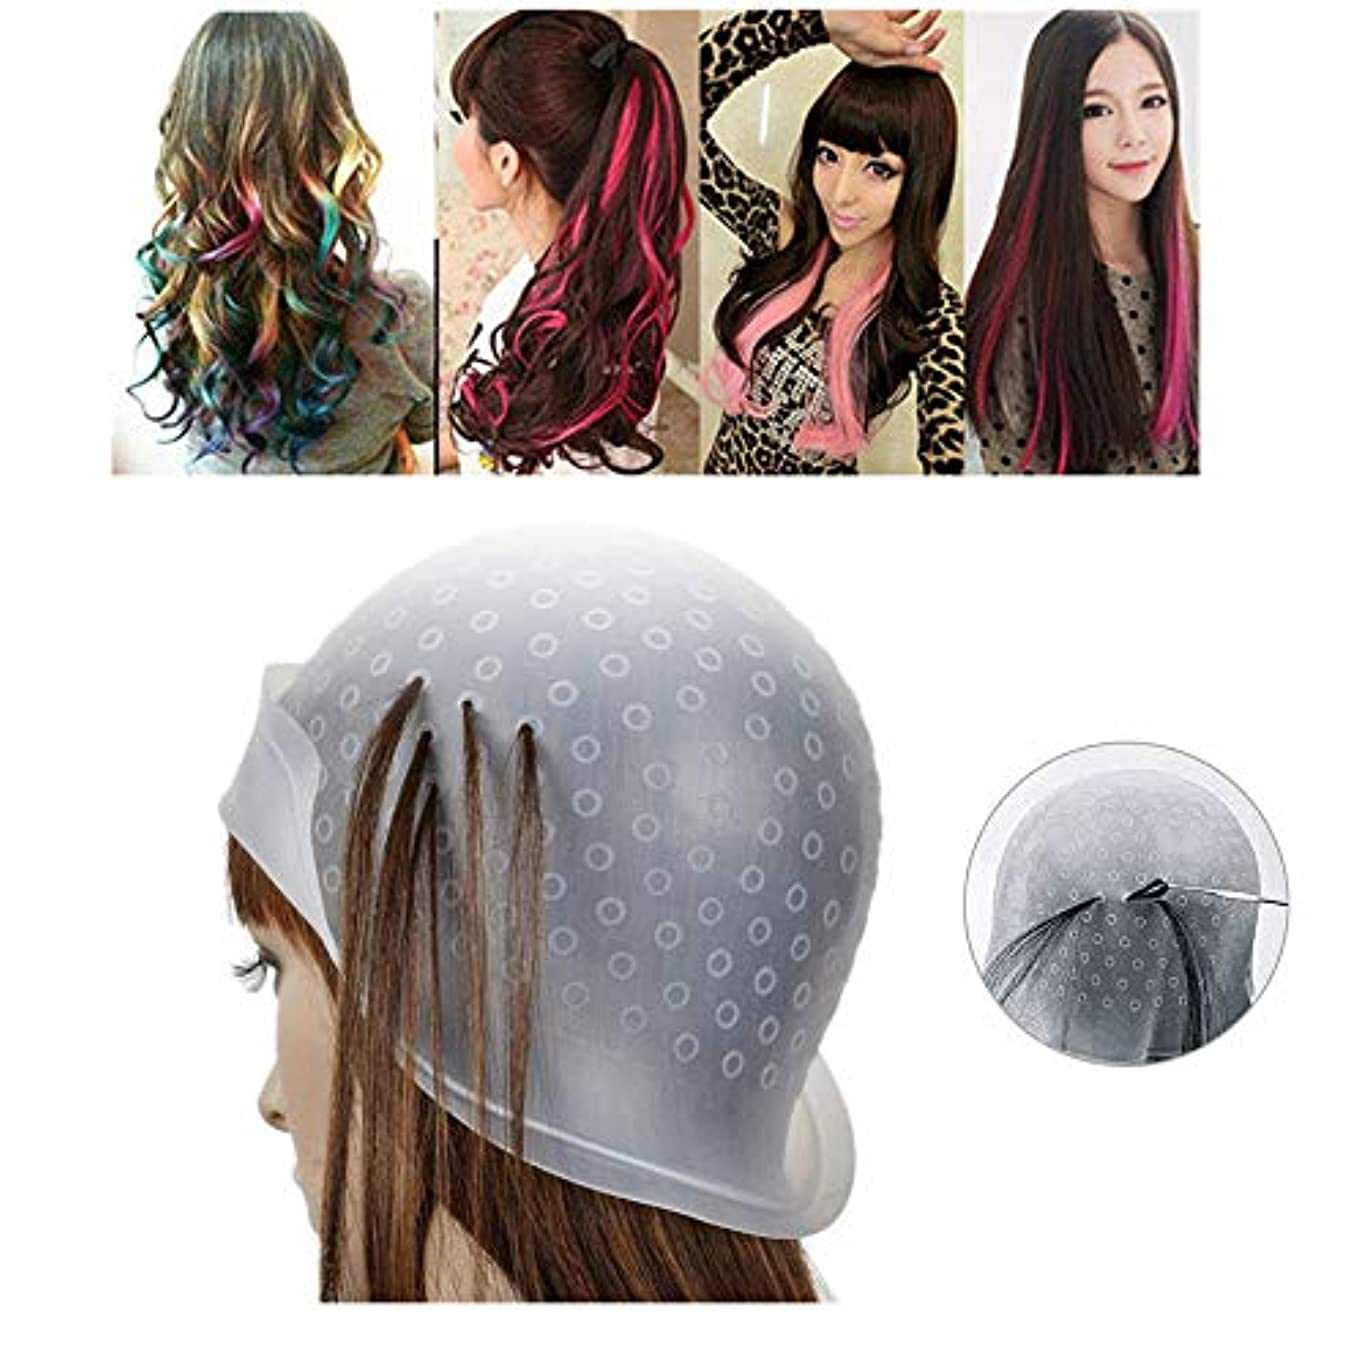 全体に杭れるメッシュキャップ ヘアカラー 毛染めキャップ 髪染め用 洗って使える ヘアカラー メッシュ 用 シリコン ヘアキャップ カラーリング 不要な染めを避ける 透明